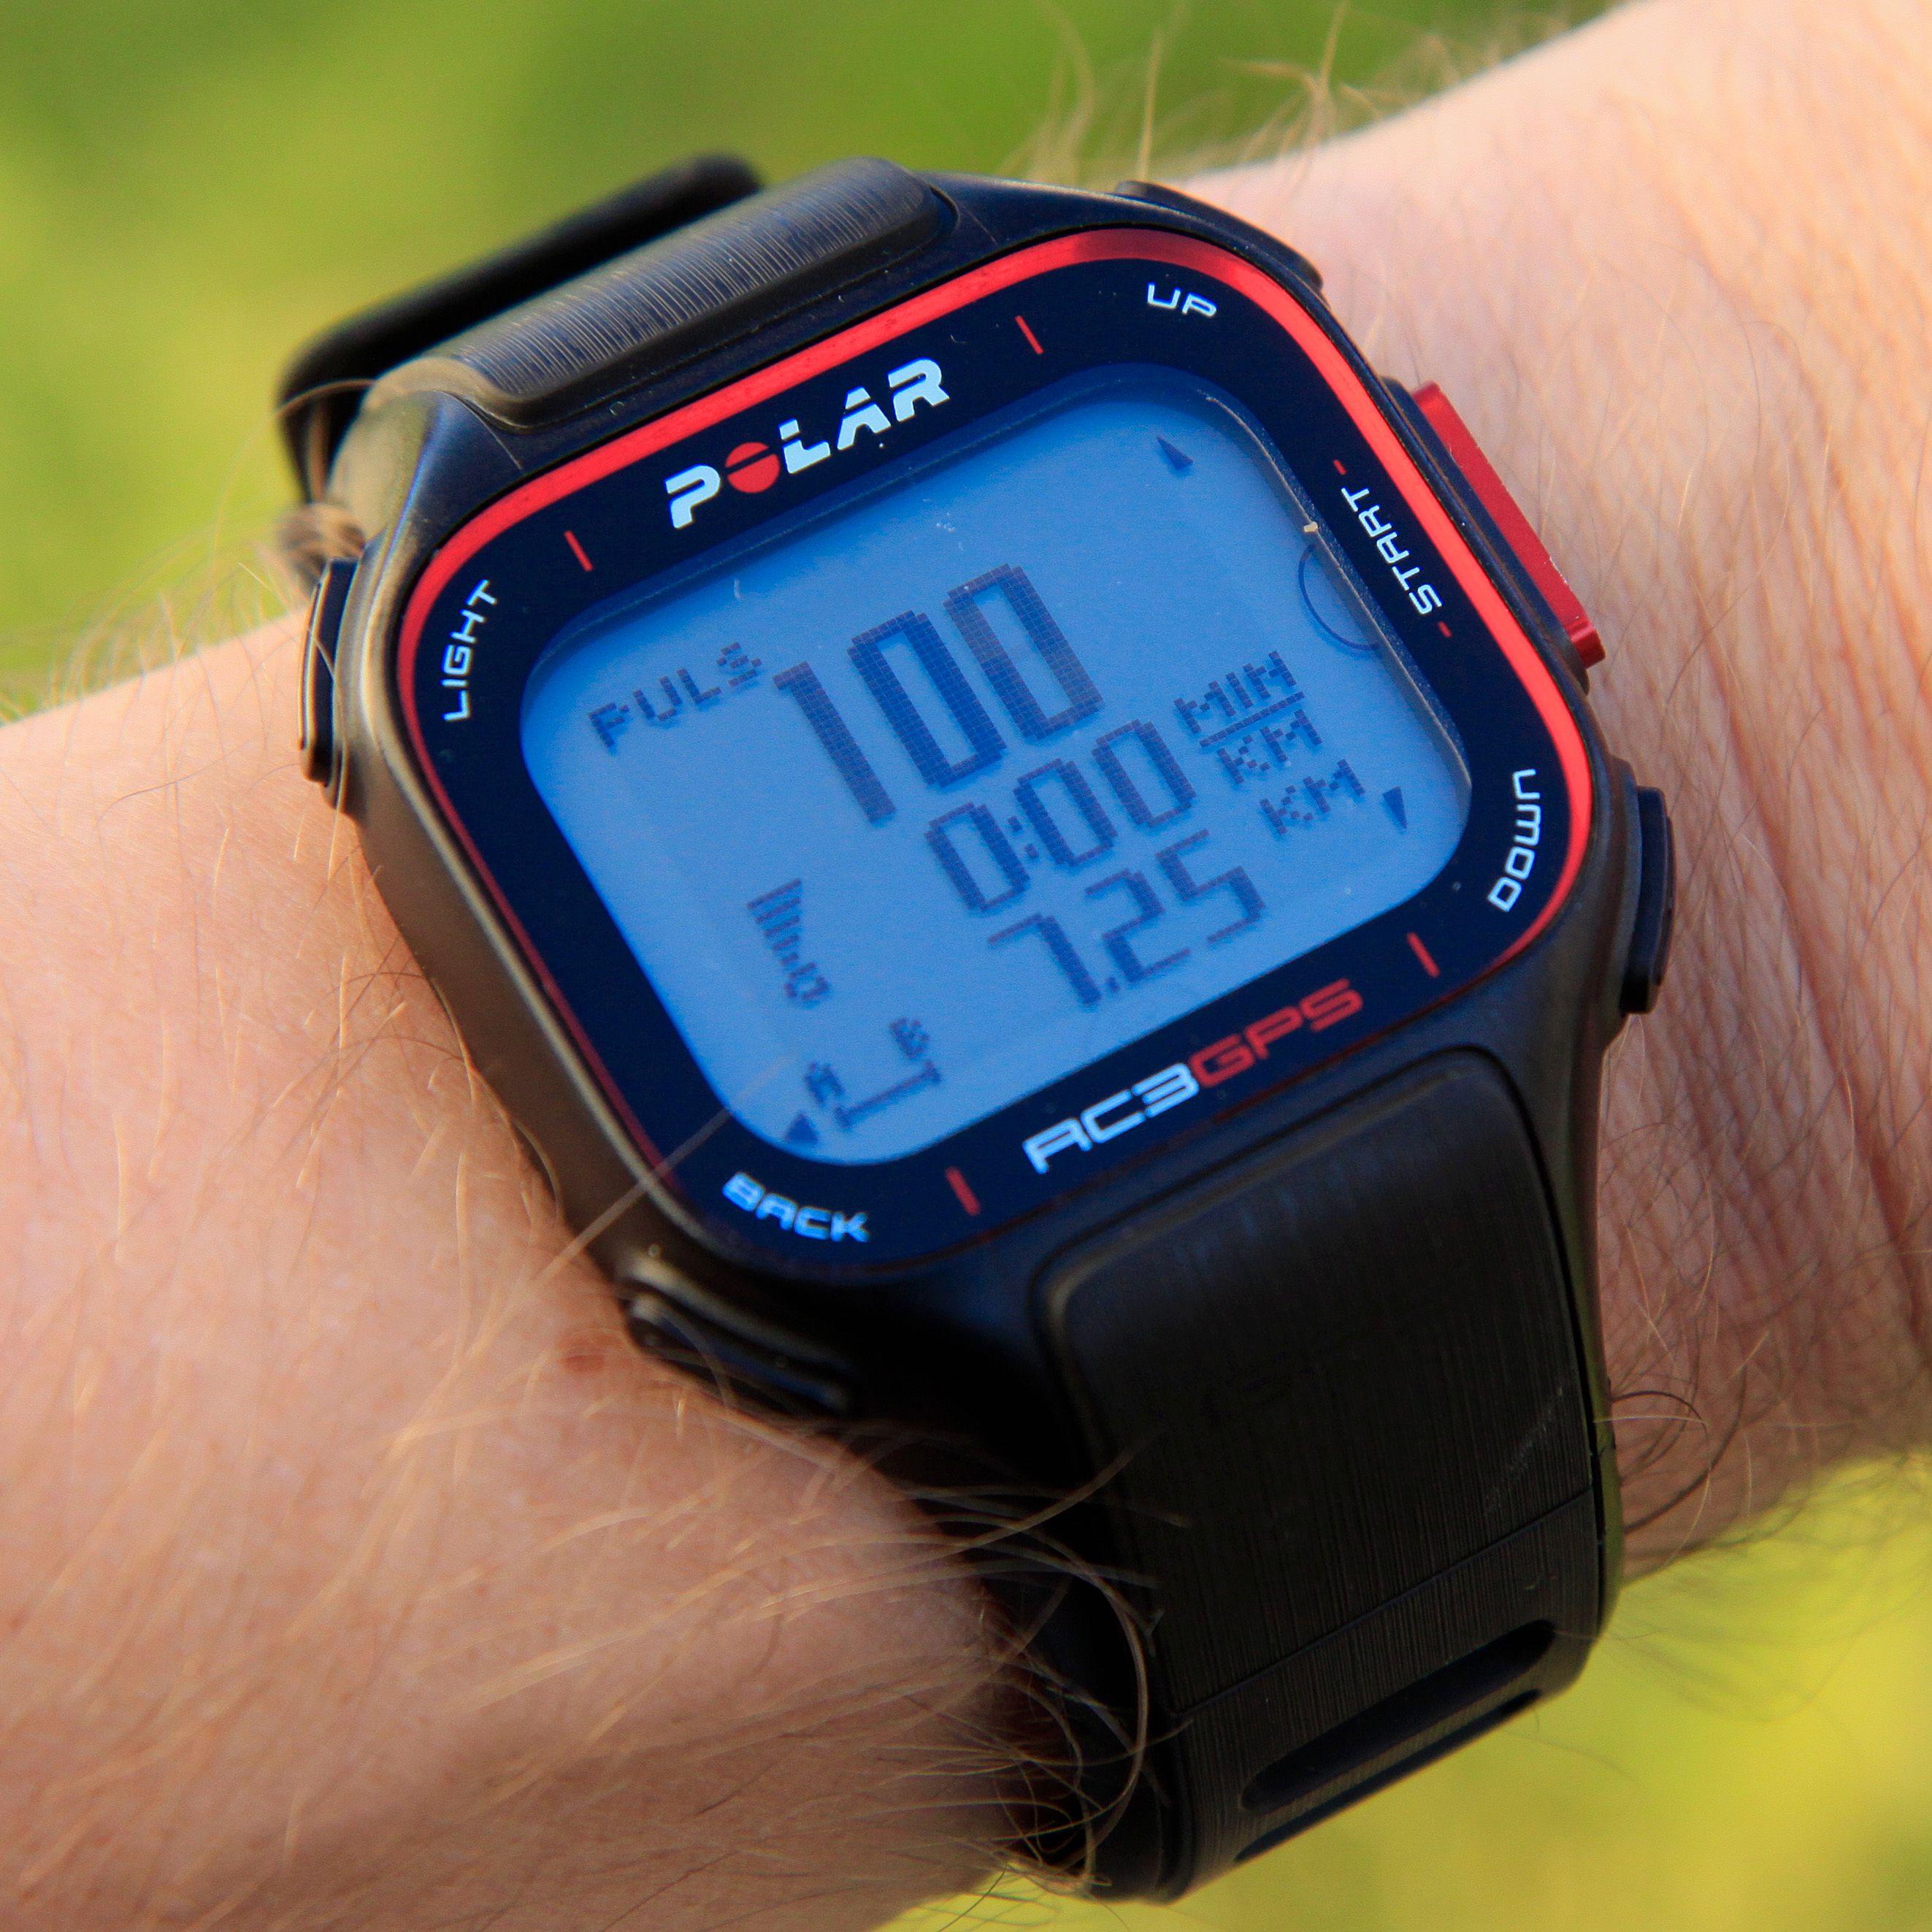 Det første skjermbildet viser puls, hastighet akkurat nå, samt tilbakelagt distanse. Du bytter til andre visninger med to knapper på høyre side av klokken.Foto: Kurt Lekanger, Amobil.no